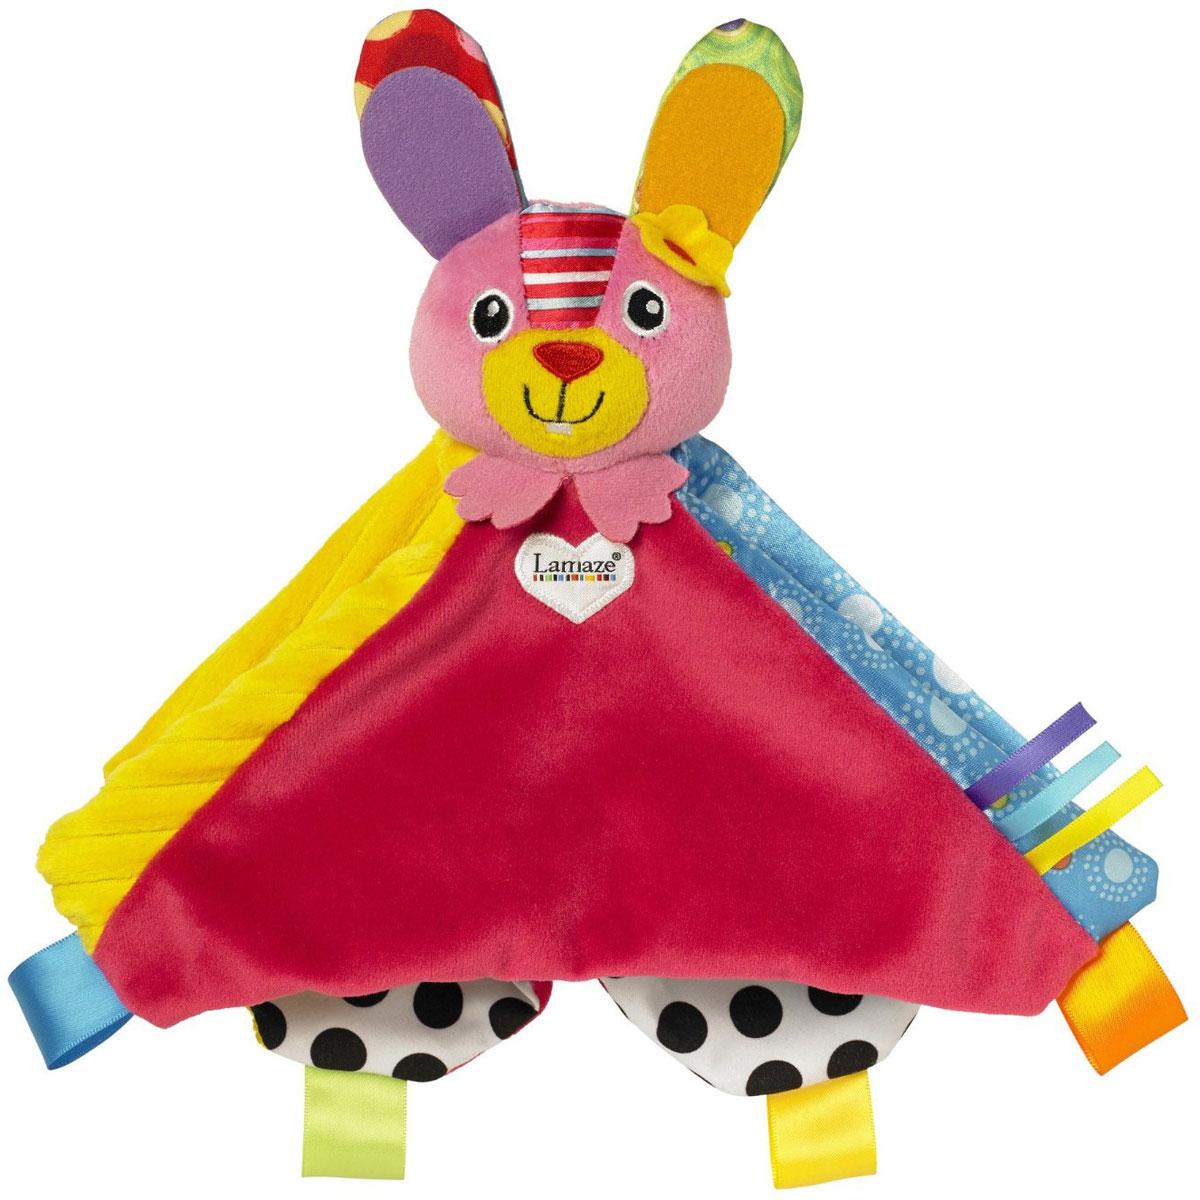 Lamaze Мягкая игрушка-погремушка Зайка БеллаLC27624RUЯркая мягкая игрушка-погремушка Lamaze Зайка Белла создана специально для самых маленьких. Легкая и удобная для детских ручек игрушка выполнена в виде забавного зайчика. Изделие изготовлено из приятных на ощупь гипоаллергенных материалов, полностью безопасных для здоровья. Голова зайчика является погремушкой, а тело выполнено в виде разноцветного одеяльца. Такая оригинальная игрушка способствует развитию внимания, слухового и зрительного восприятия и мелкой моторики.